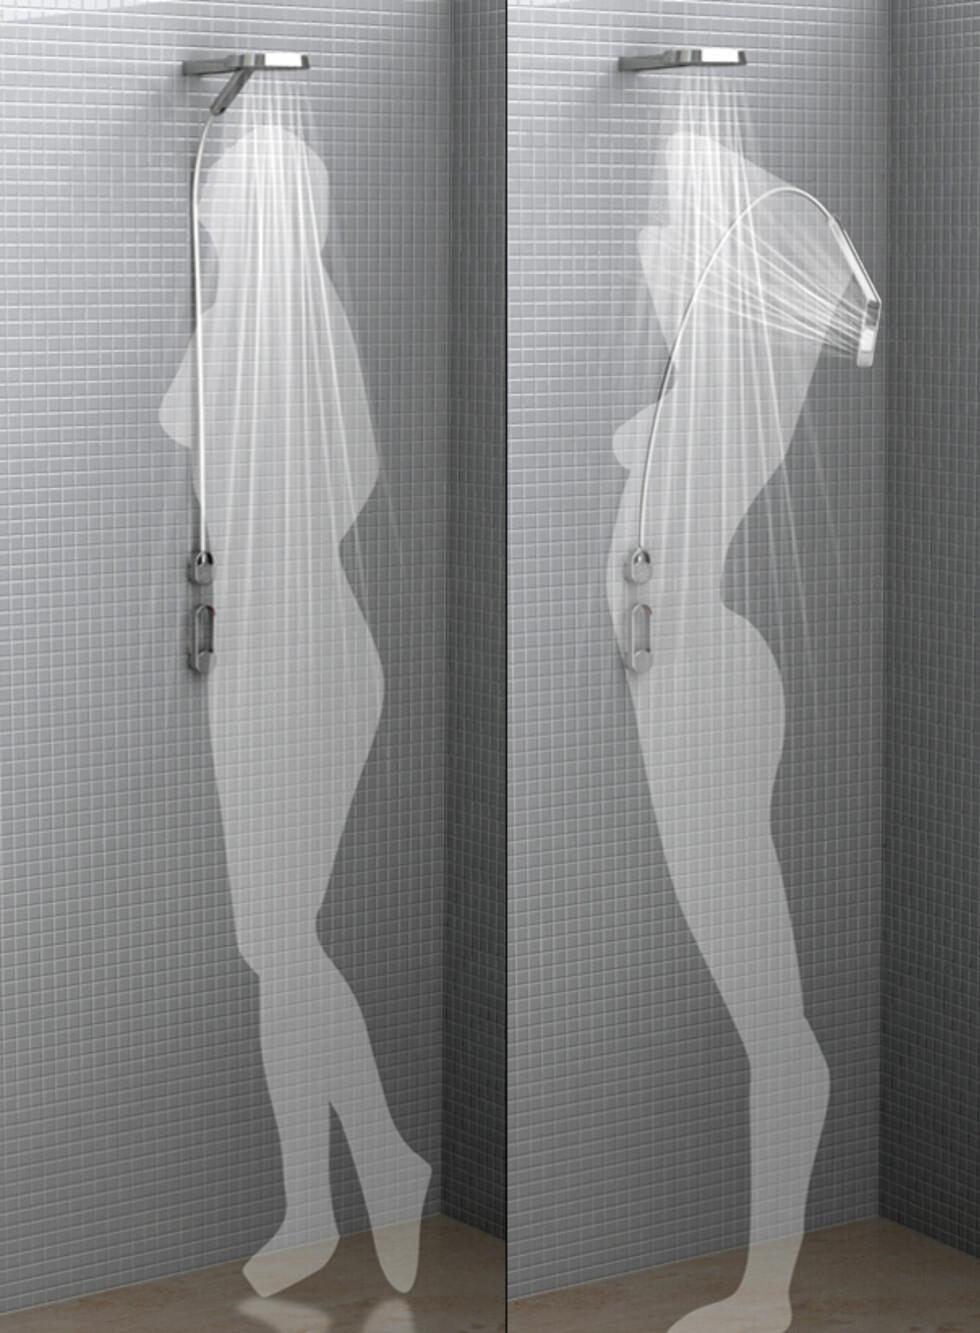 Kan brukes som en vanlig dusj, eller som dobbeldusj. Foto: yankodesign.com